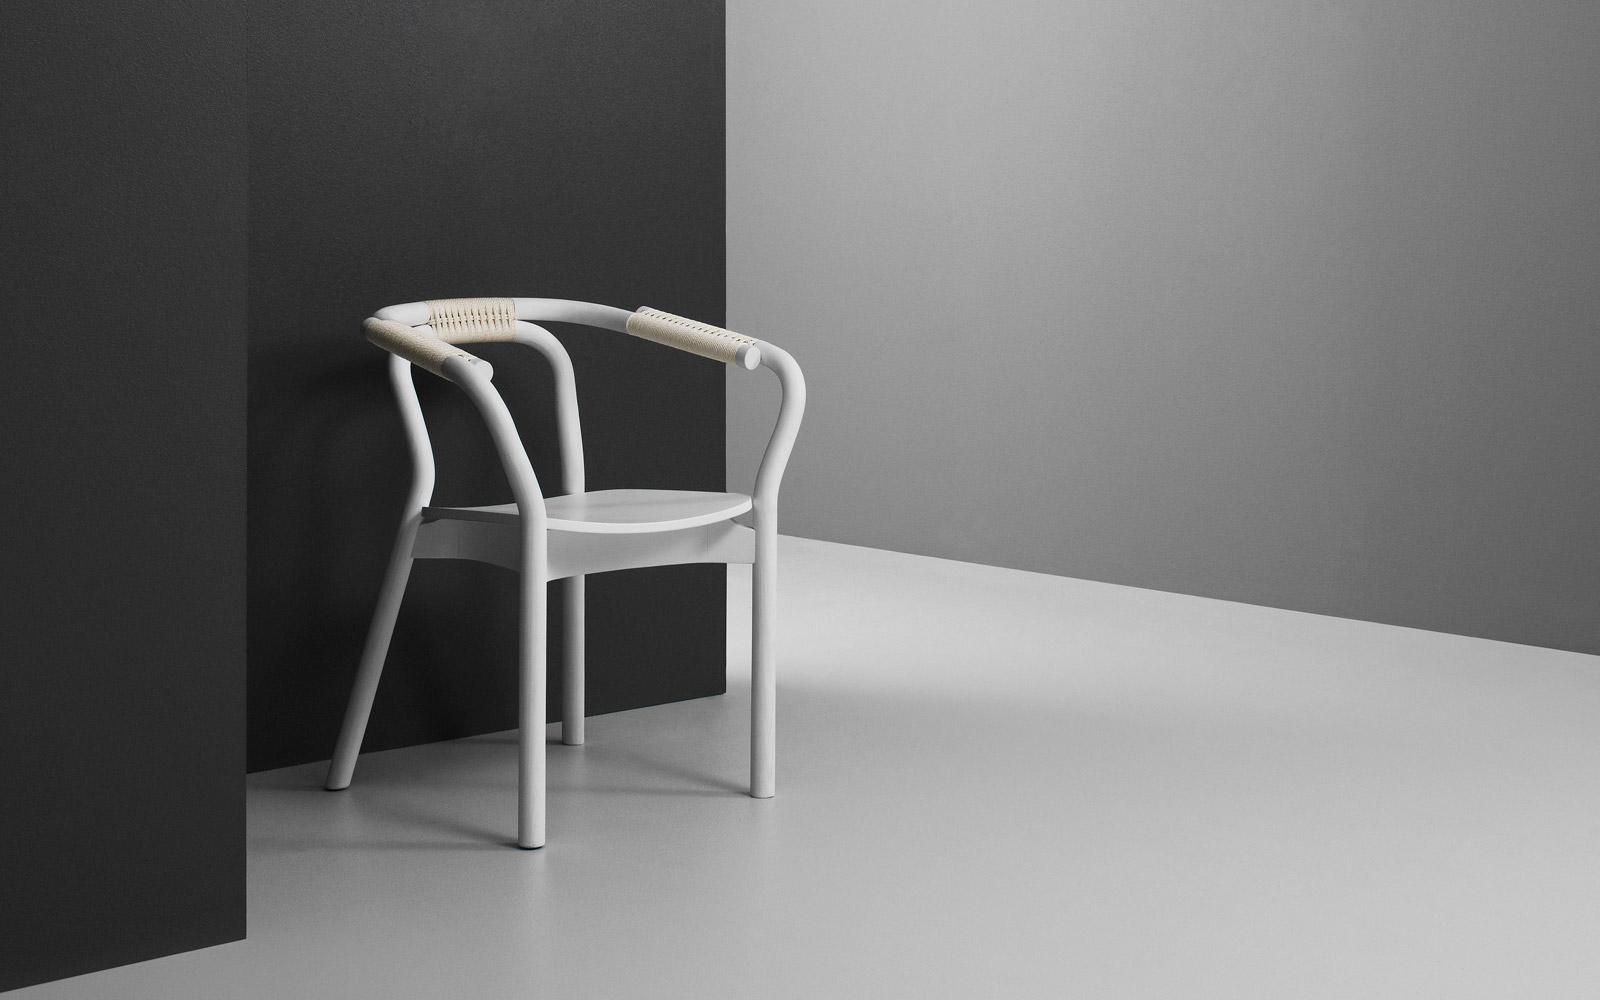 Обеденные стулья в интерьере вашего дома - Knot . Фото 2